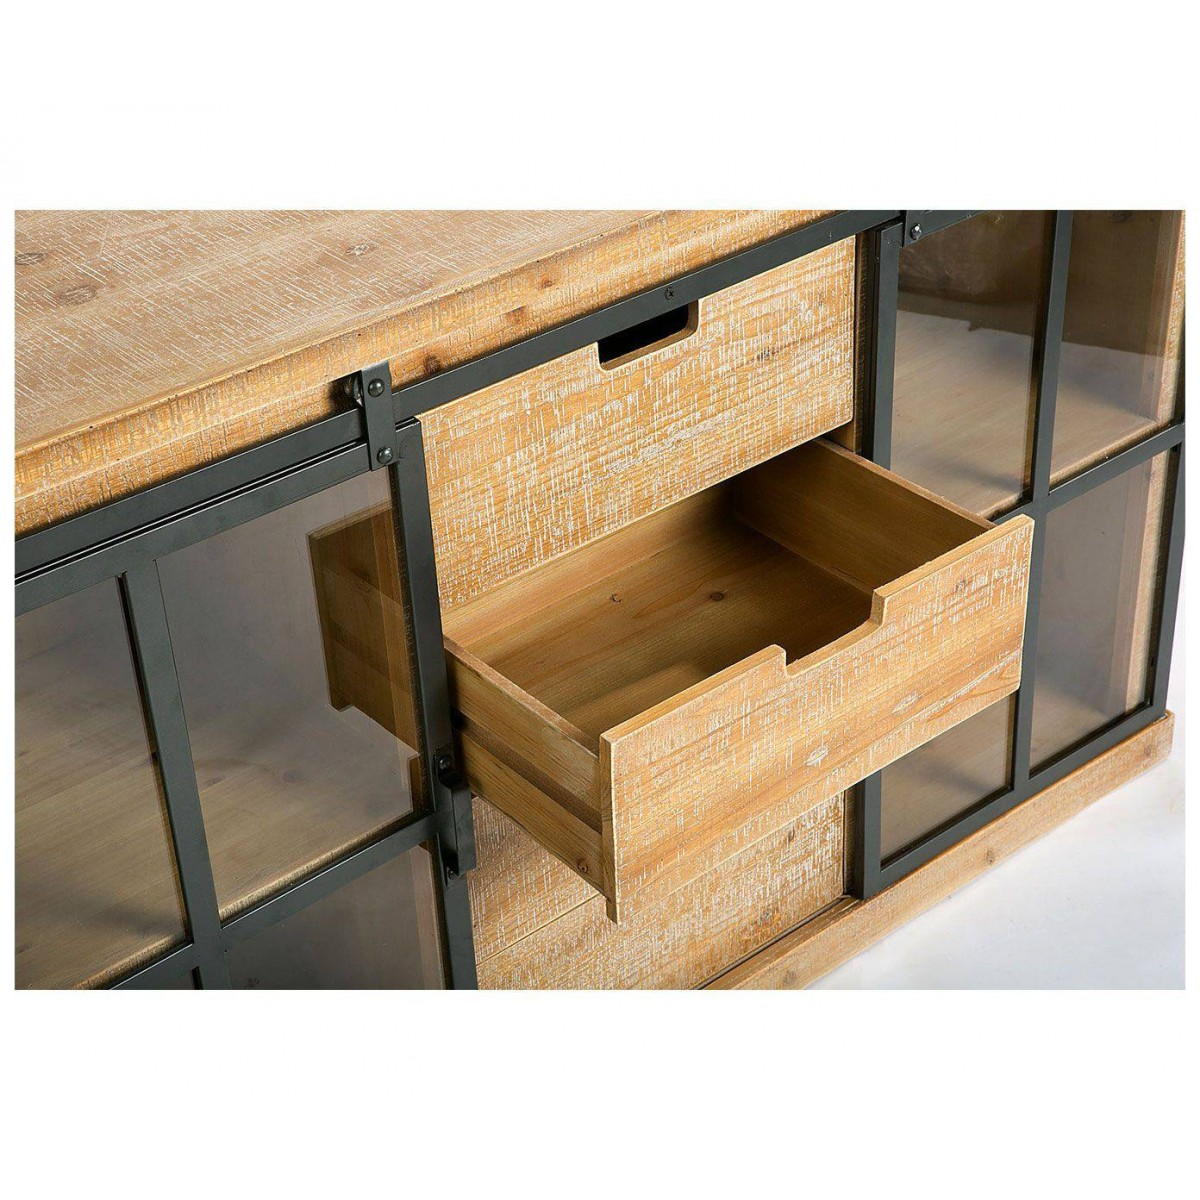 aparador buffet medievo madera y metal estilo industrial